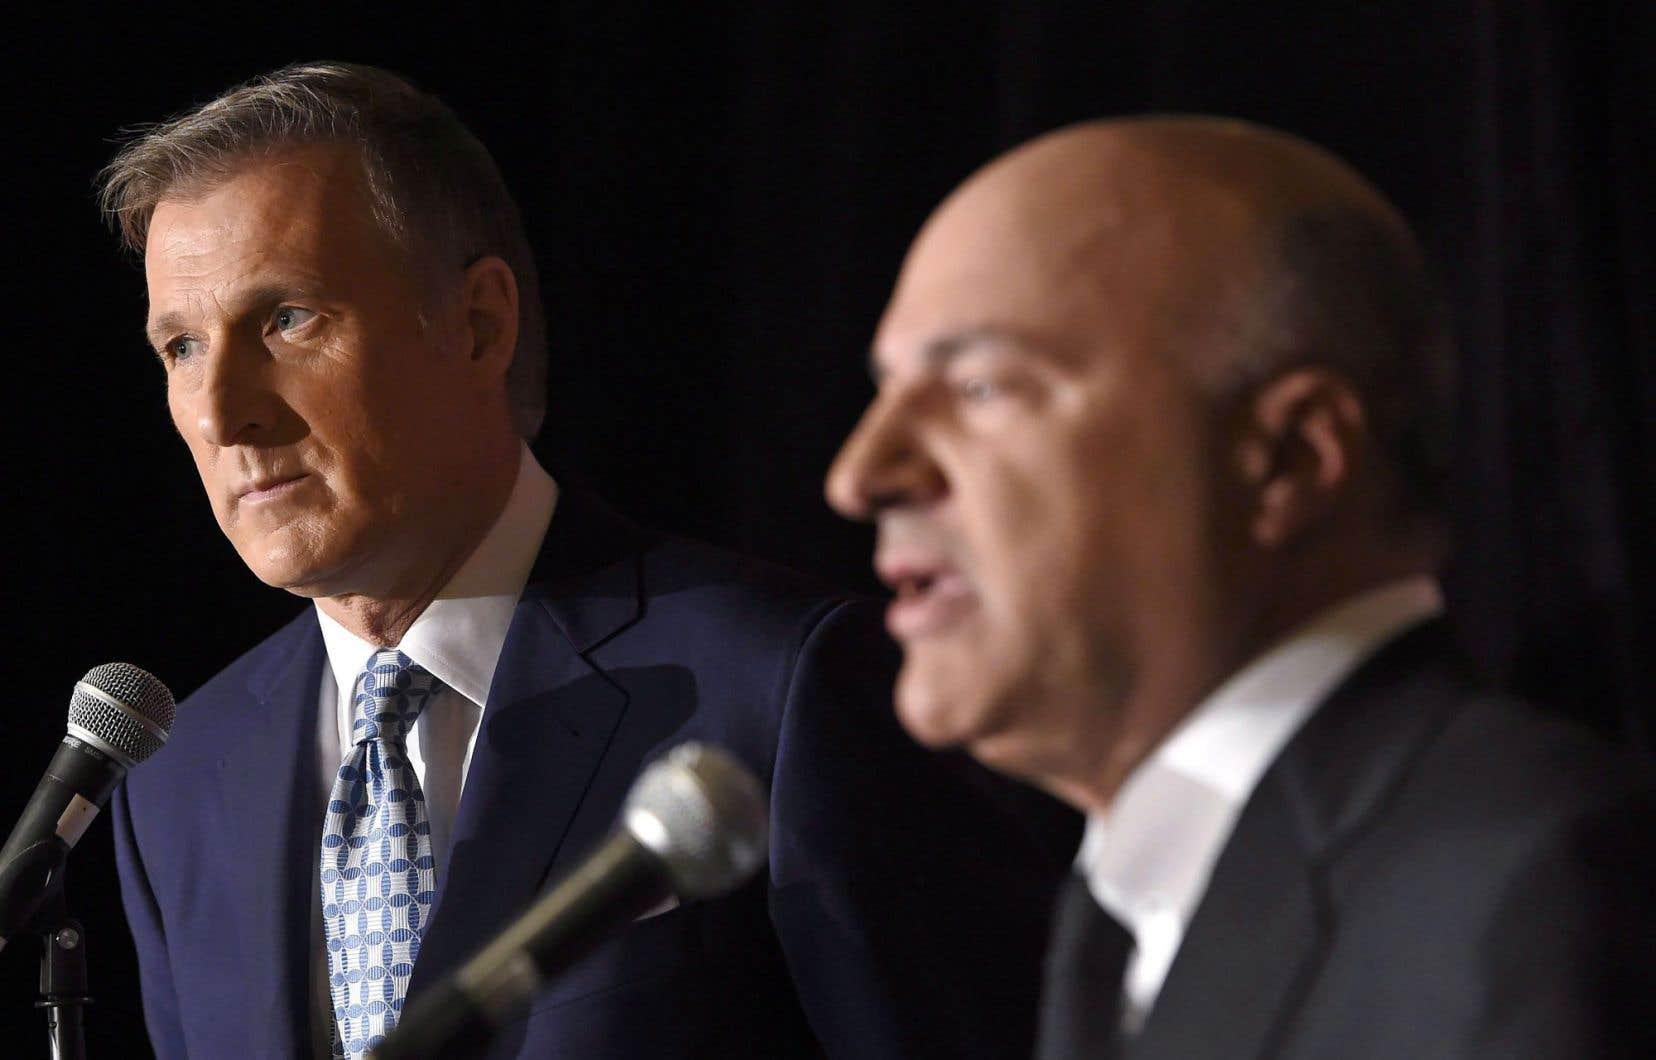 Les candidats à la direction du Parti conservateur du Canada à la fin du débat de mercredi, le dernier de la campagne.